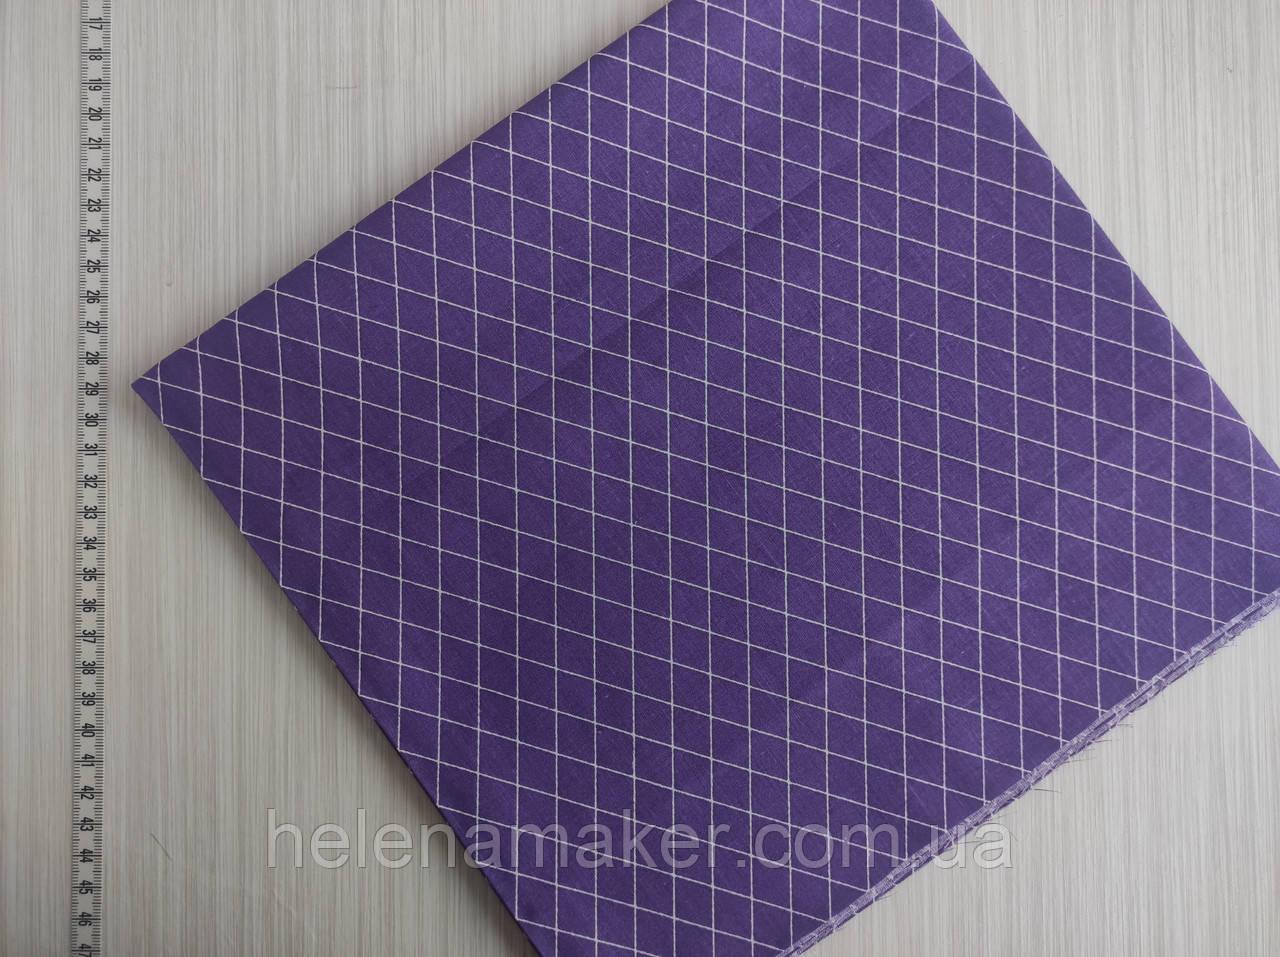 Кусочек хлопковой ткани для рукоделия Сетка фиолетовая, ромбы. Размер отреза 50*50 см